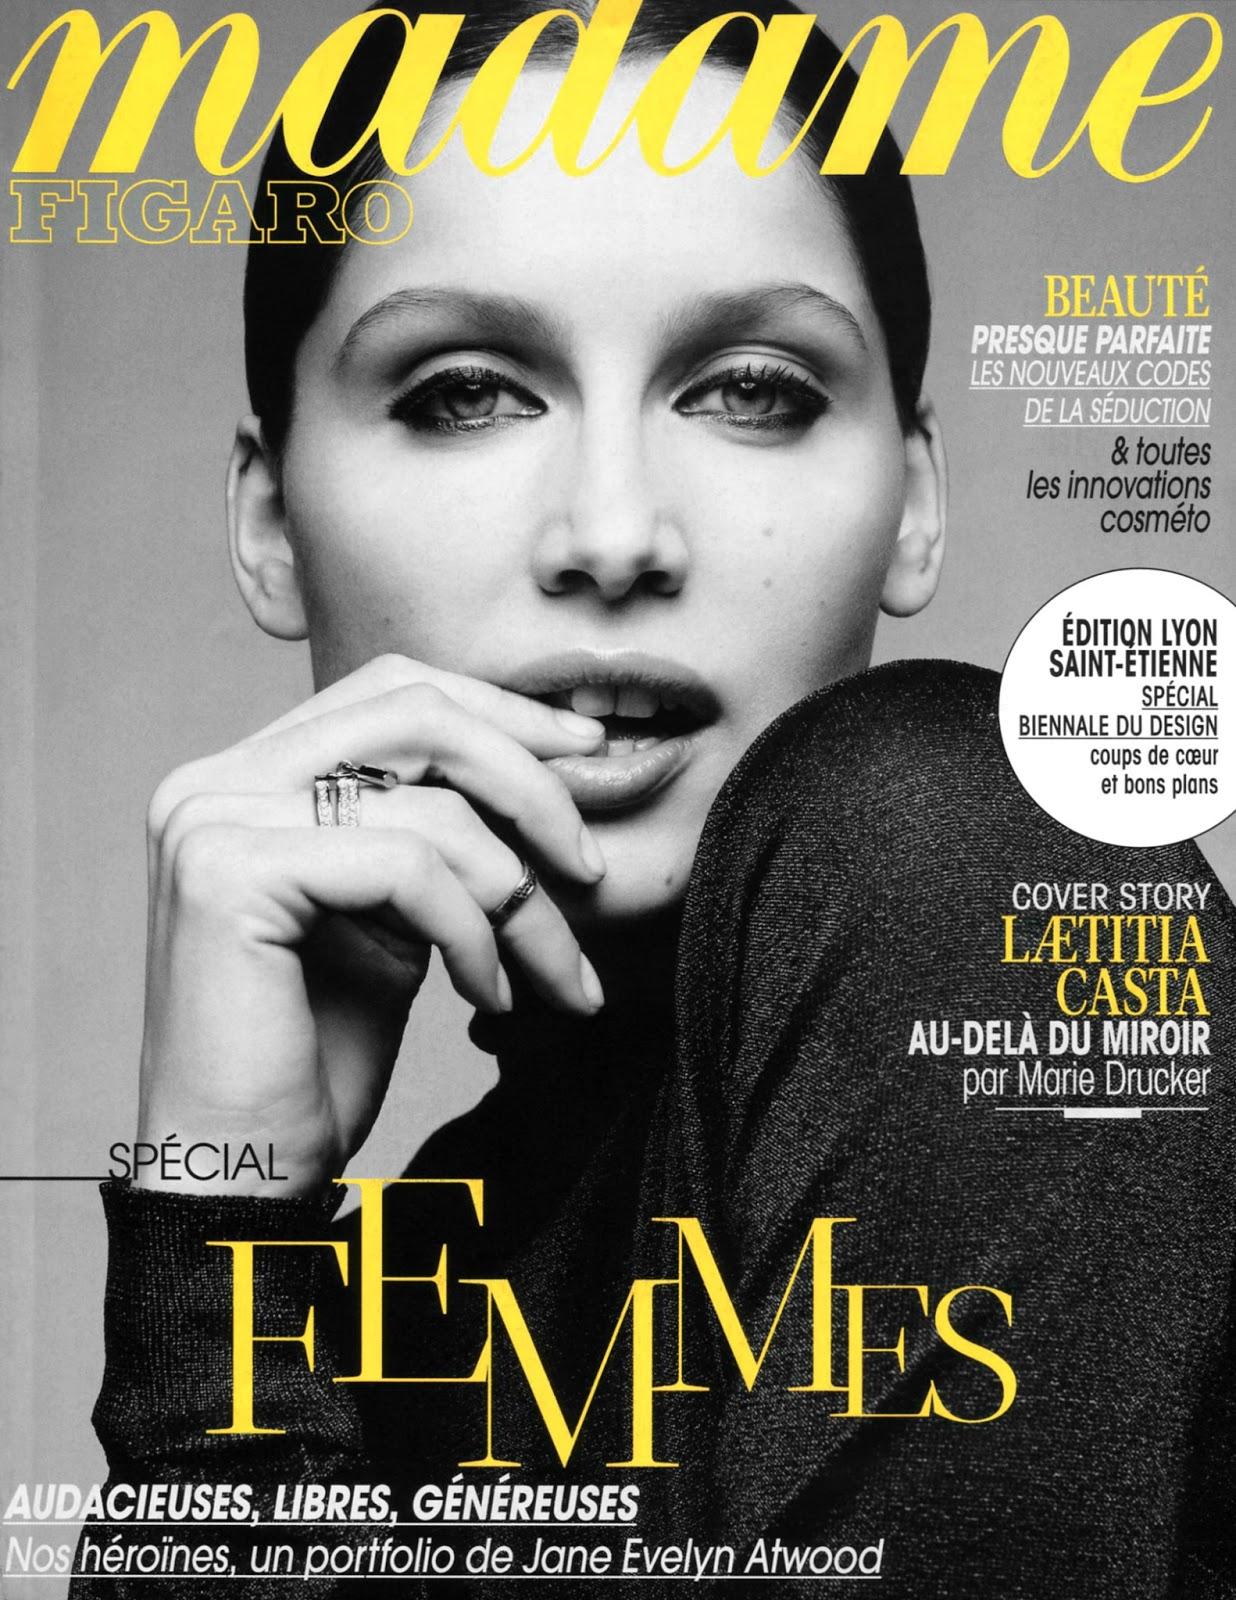 http://2.bp.blogspot.com/-9iQh7eZr-Xc/UUnuqbtT9SI/AAAAAAAAMns/xxpPZTSL1tA/s1600/Laetitia+Casta+2013+03+08th+Madame+Figaro+Fr+Ph+Amy+Troost+001.jpg